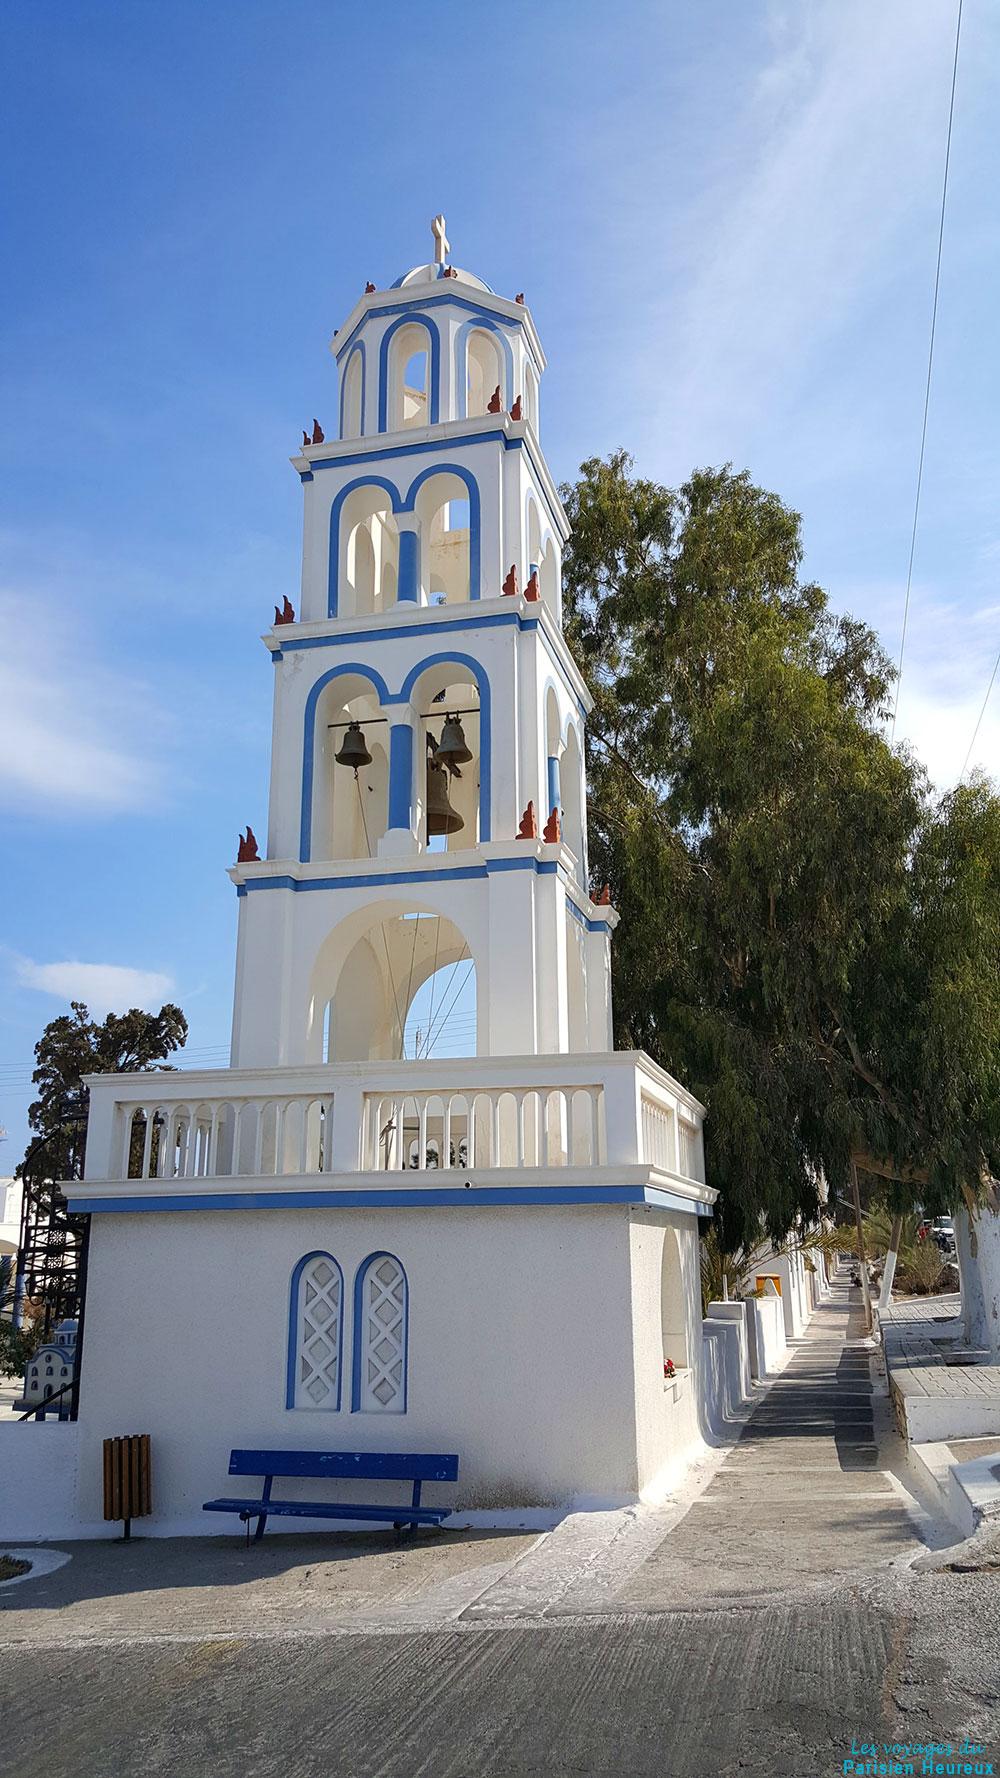 Le clocher de l'église de Kamari à Santorin